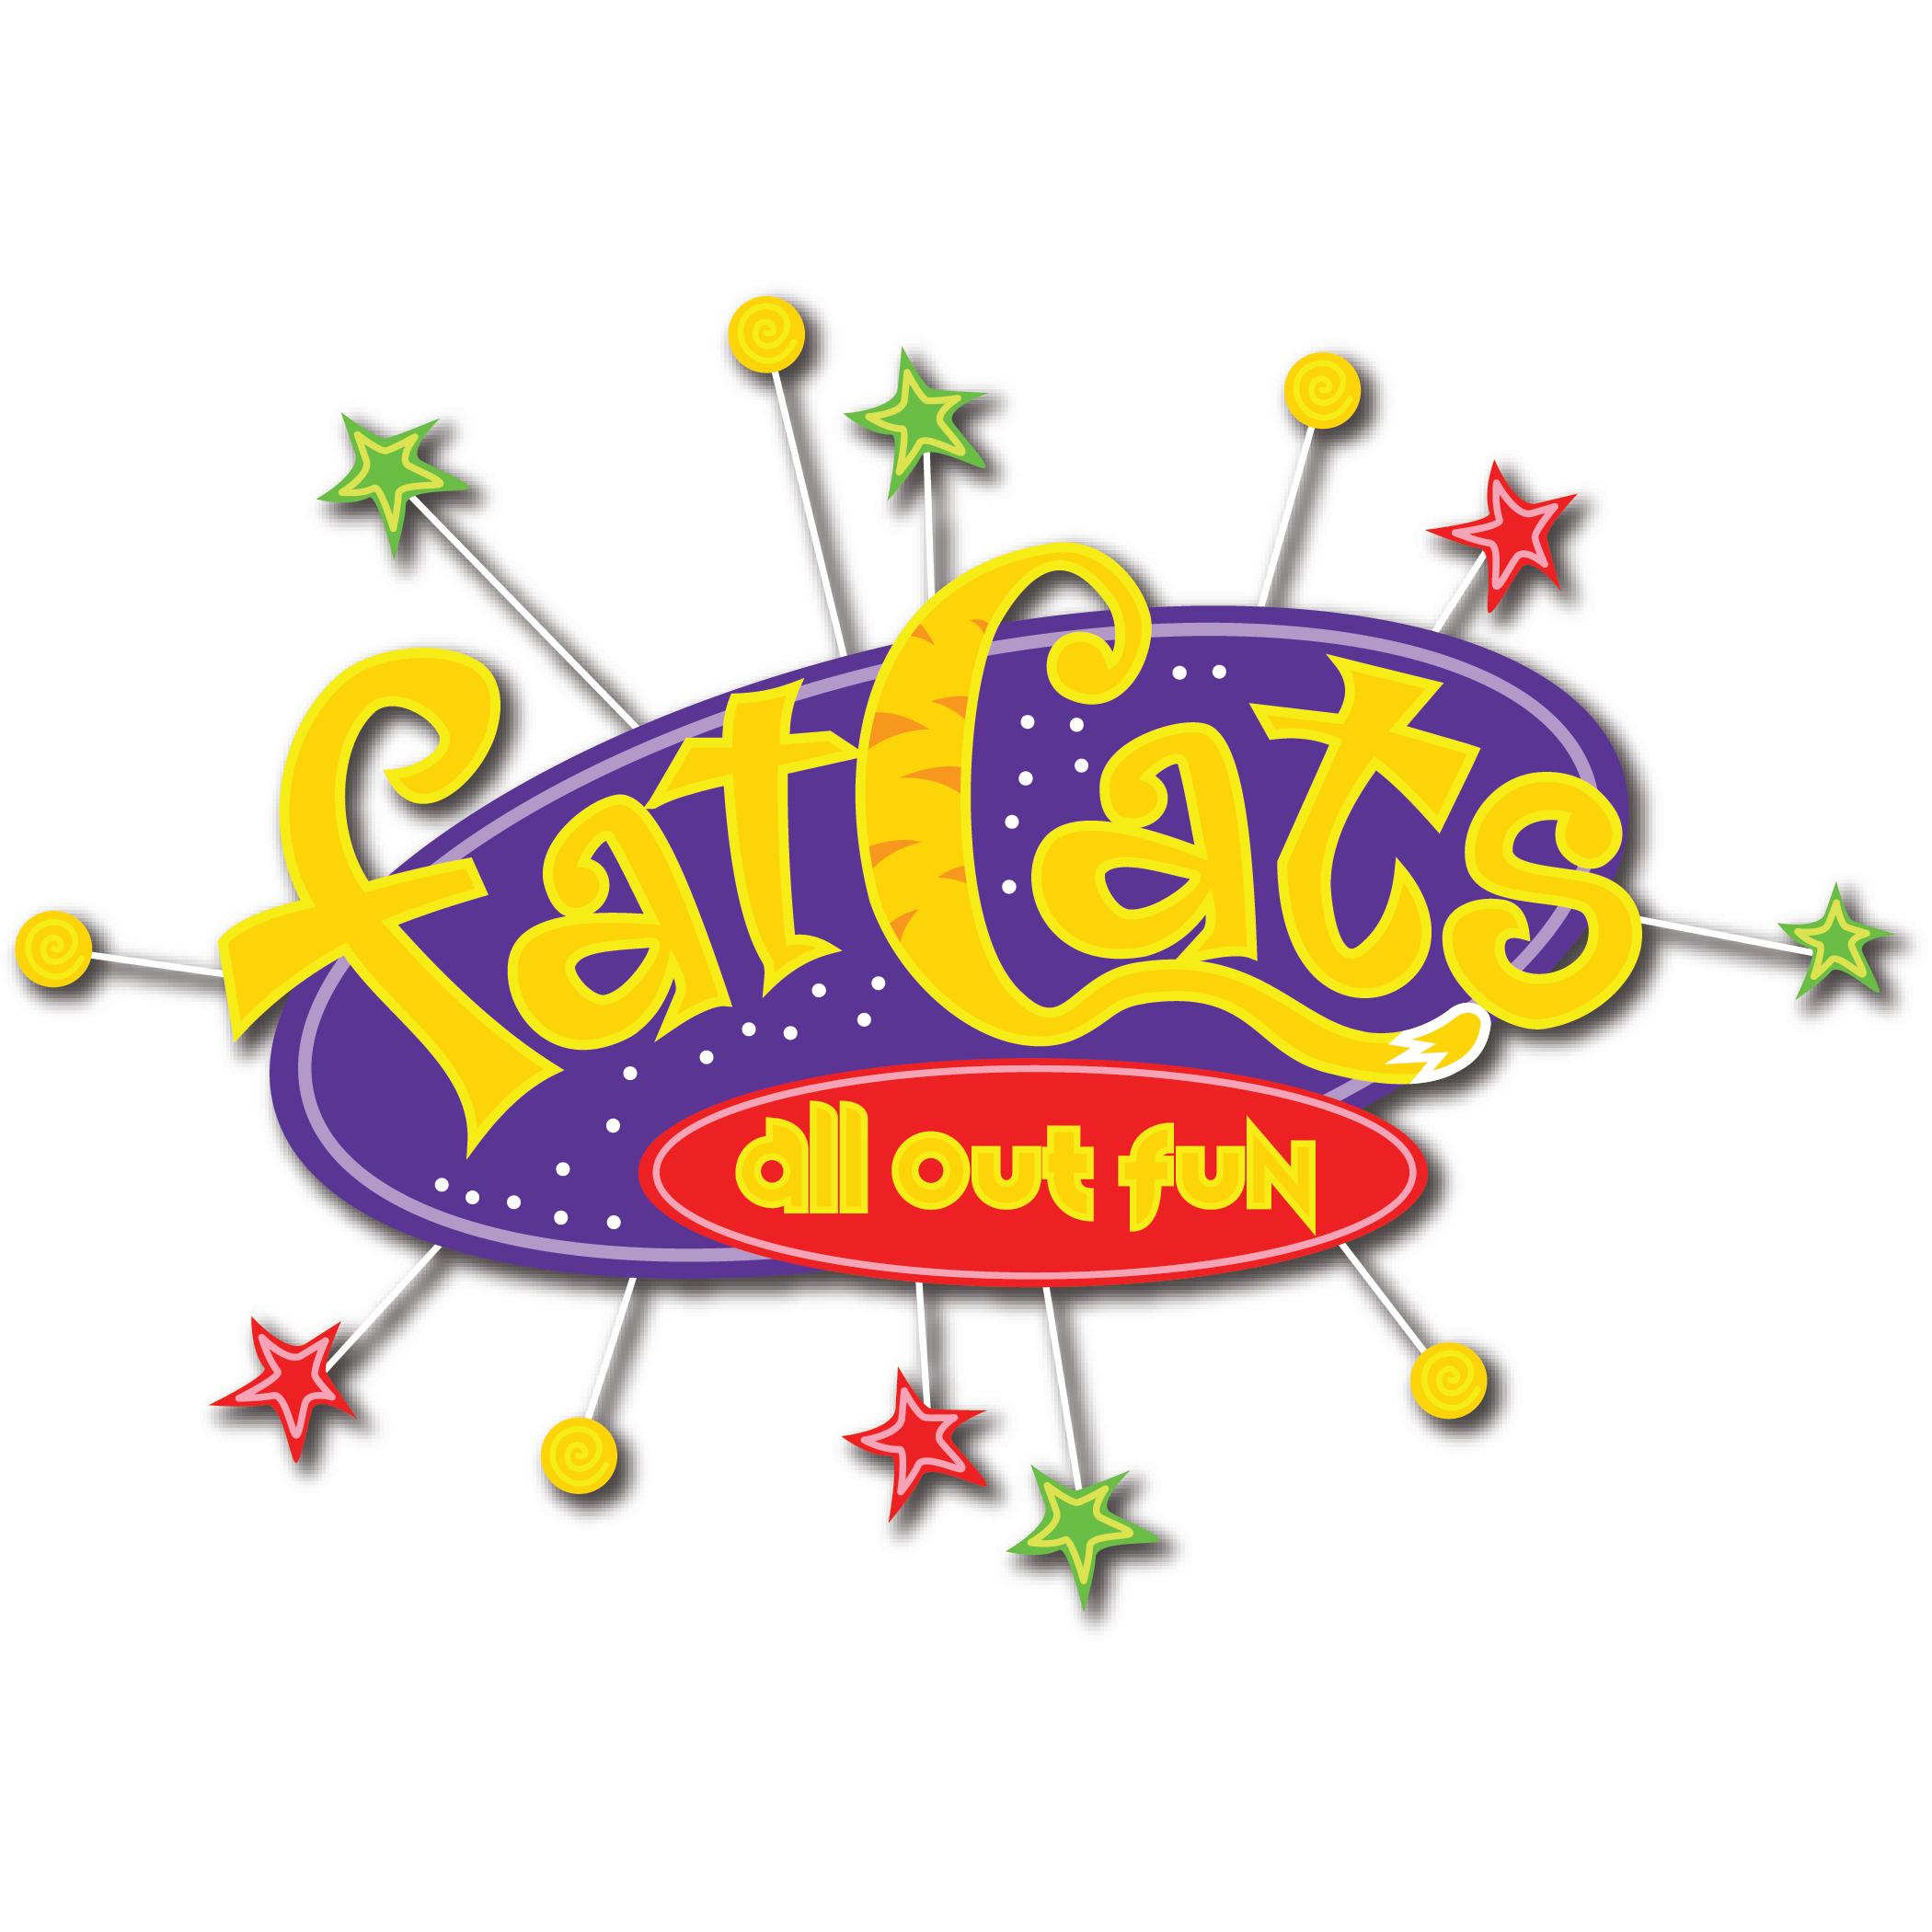 Fat Cats Ogden